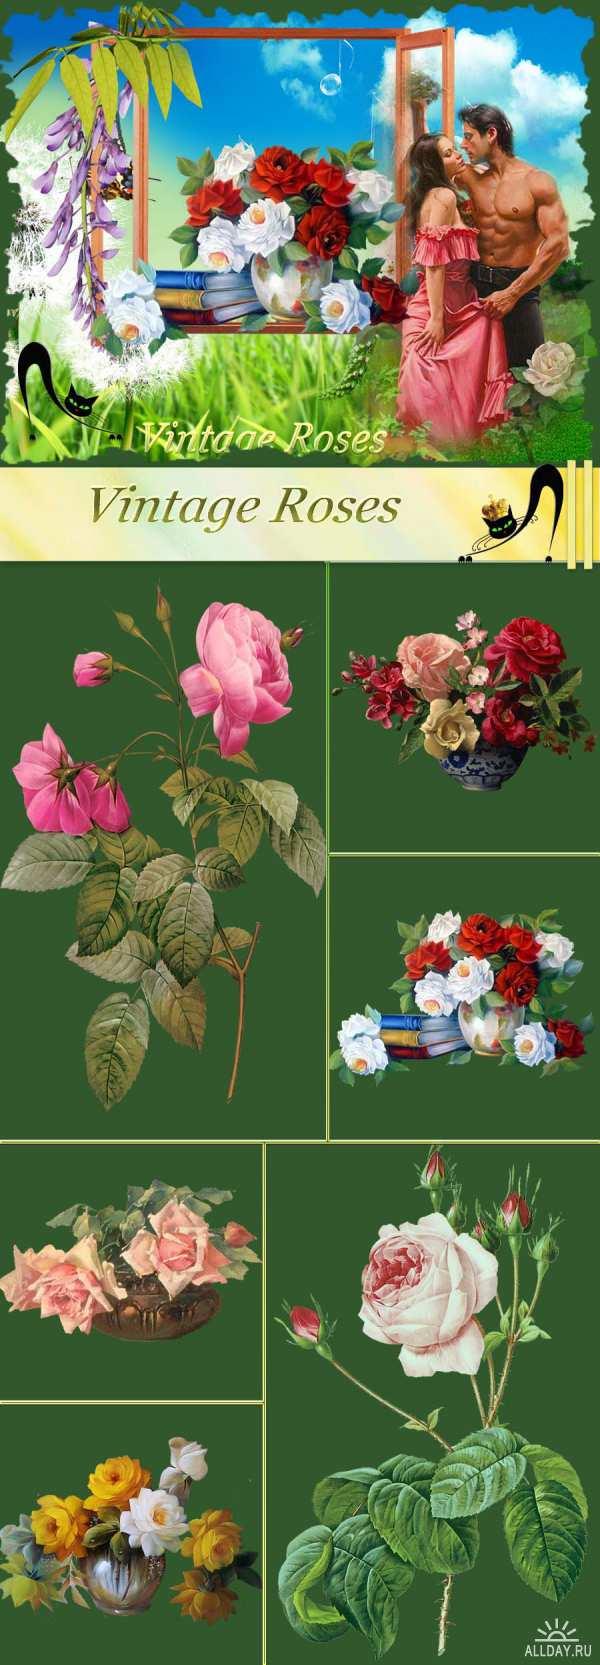 Винтажные розы - Клипарт PNG